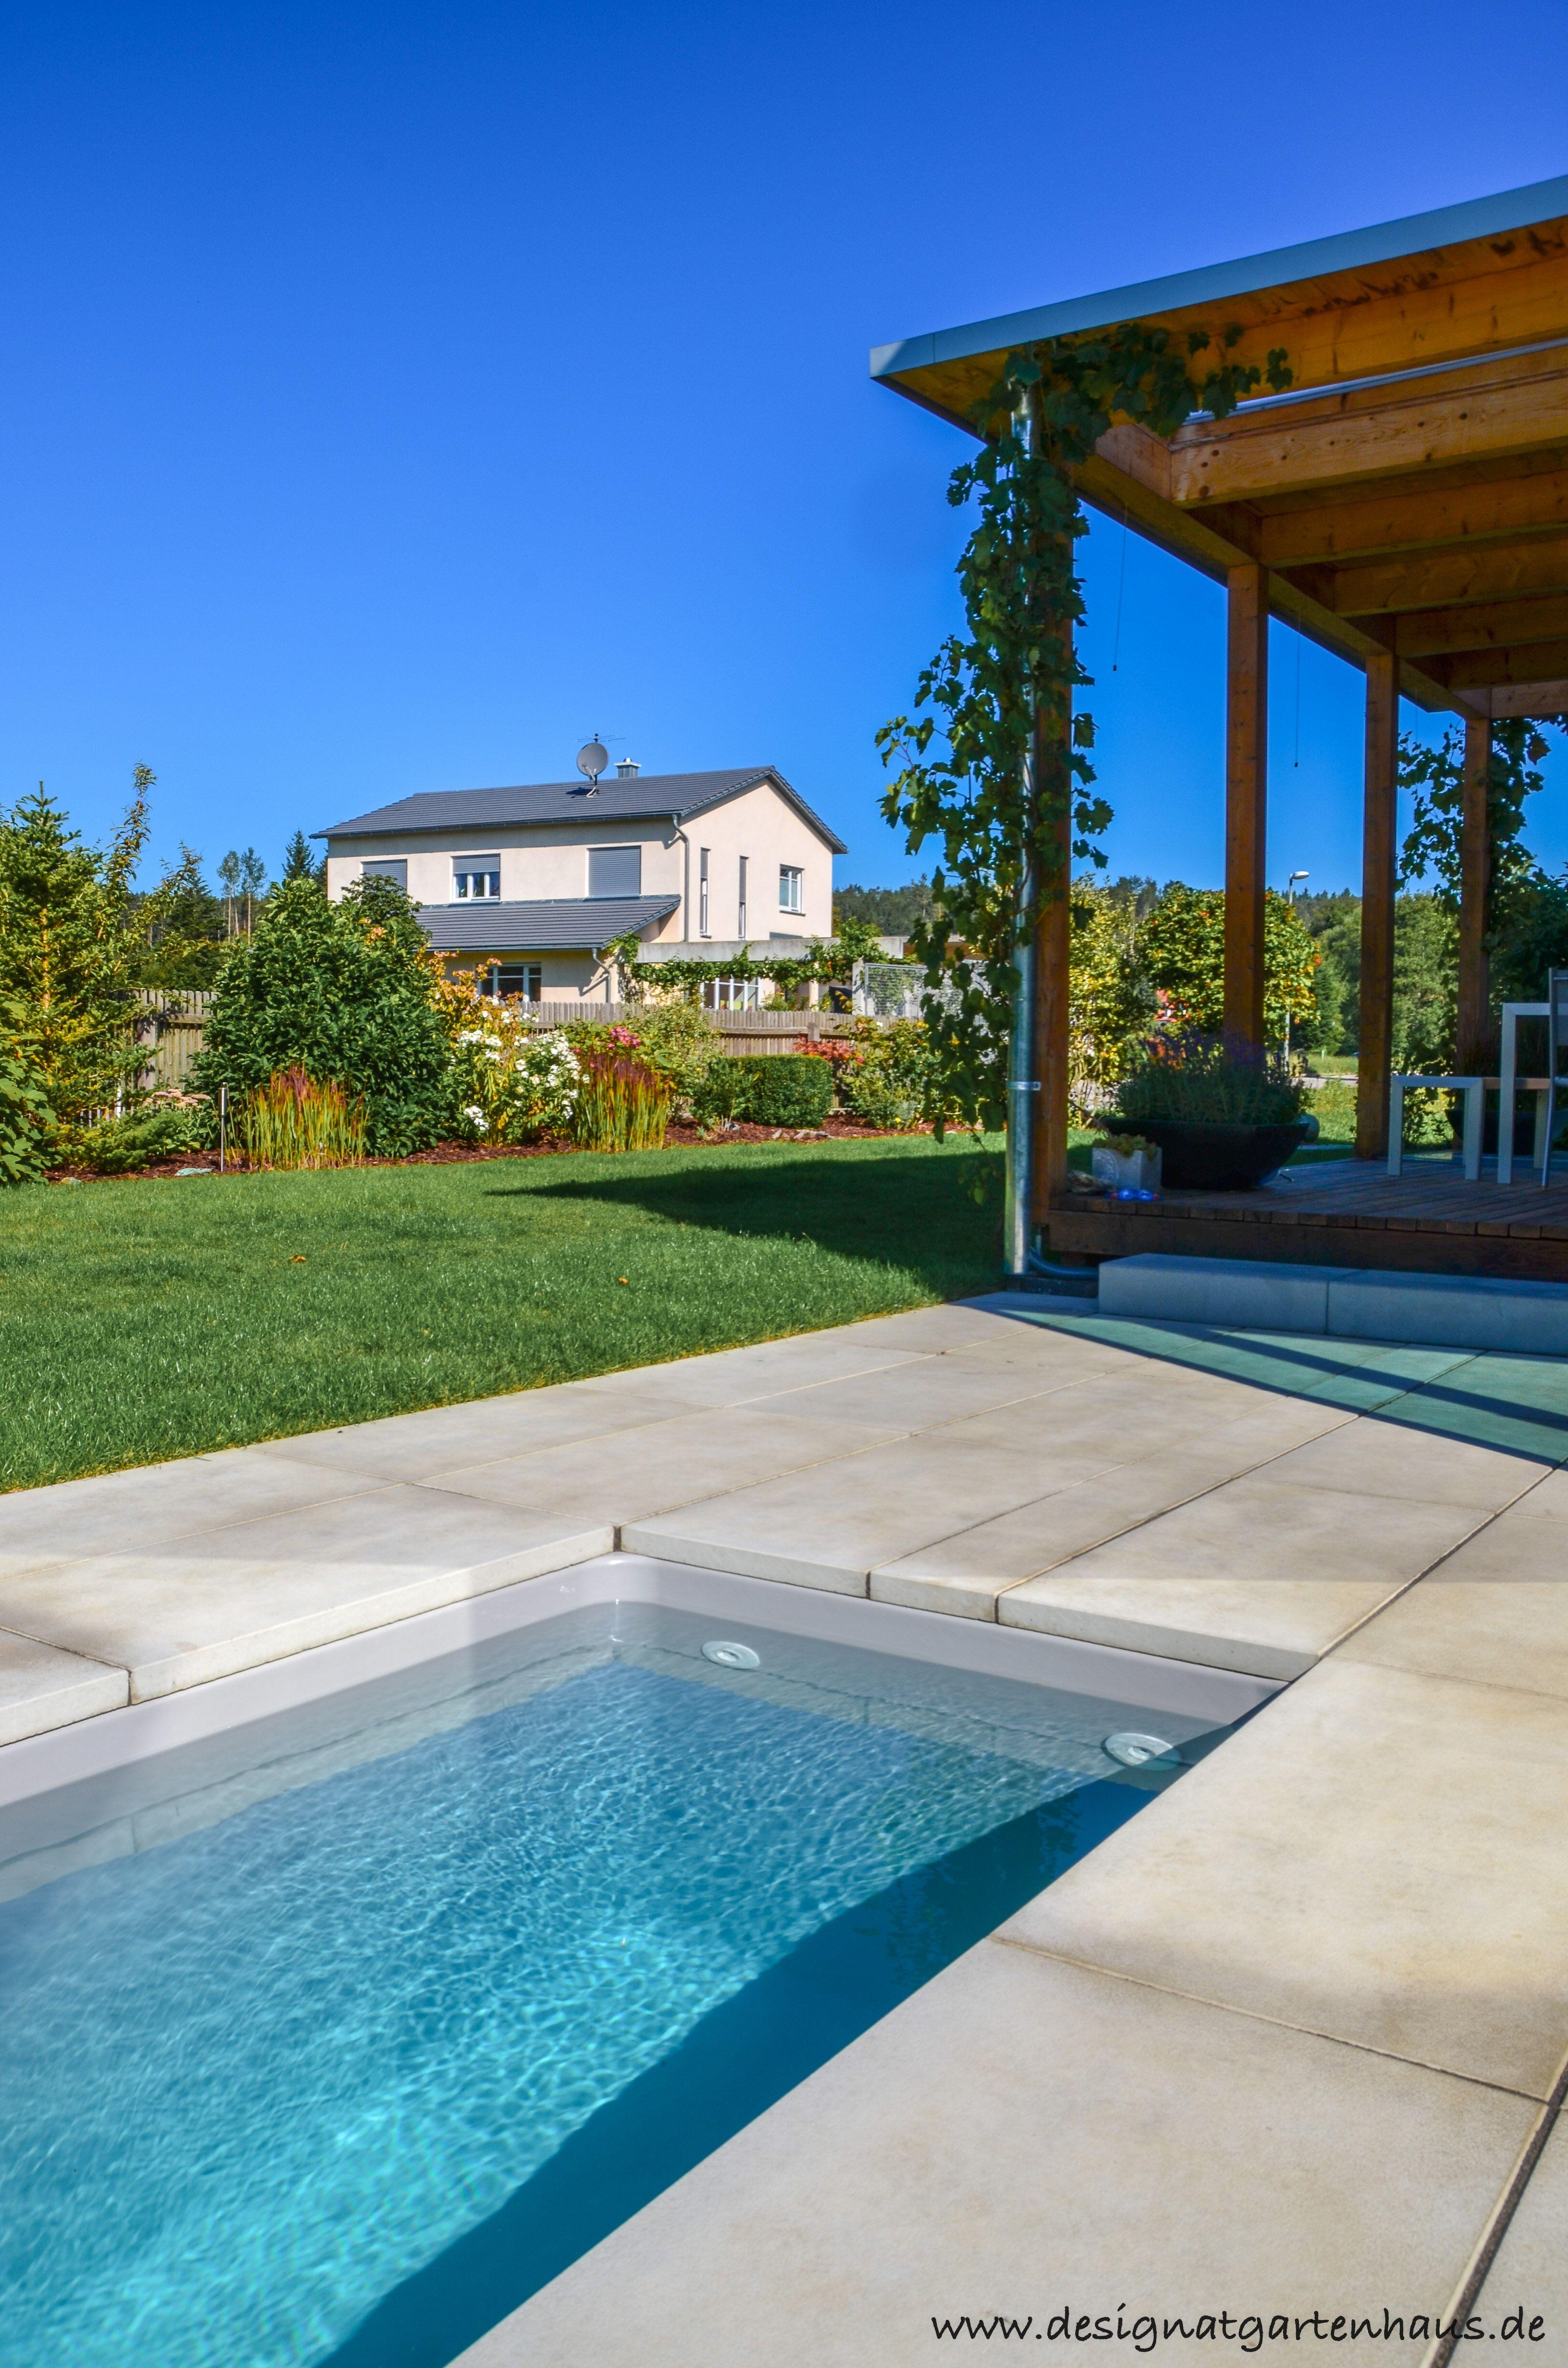 Minipool Wat Tauchbecken Fur Den Garten Mit Meersalzwasser By Design Garten L 300 Cm X B 150 Cm X T 125 Cm Led L Tauchbecken Design Gartenhaus Mini Pool